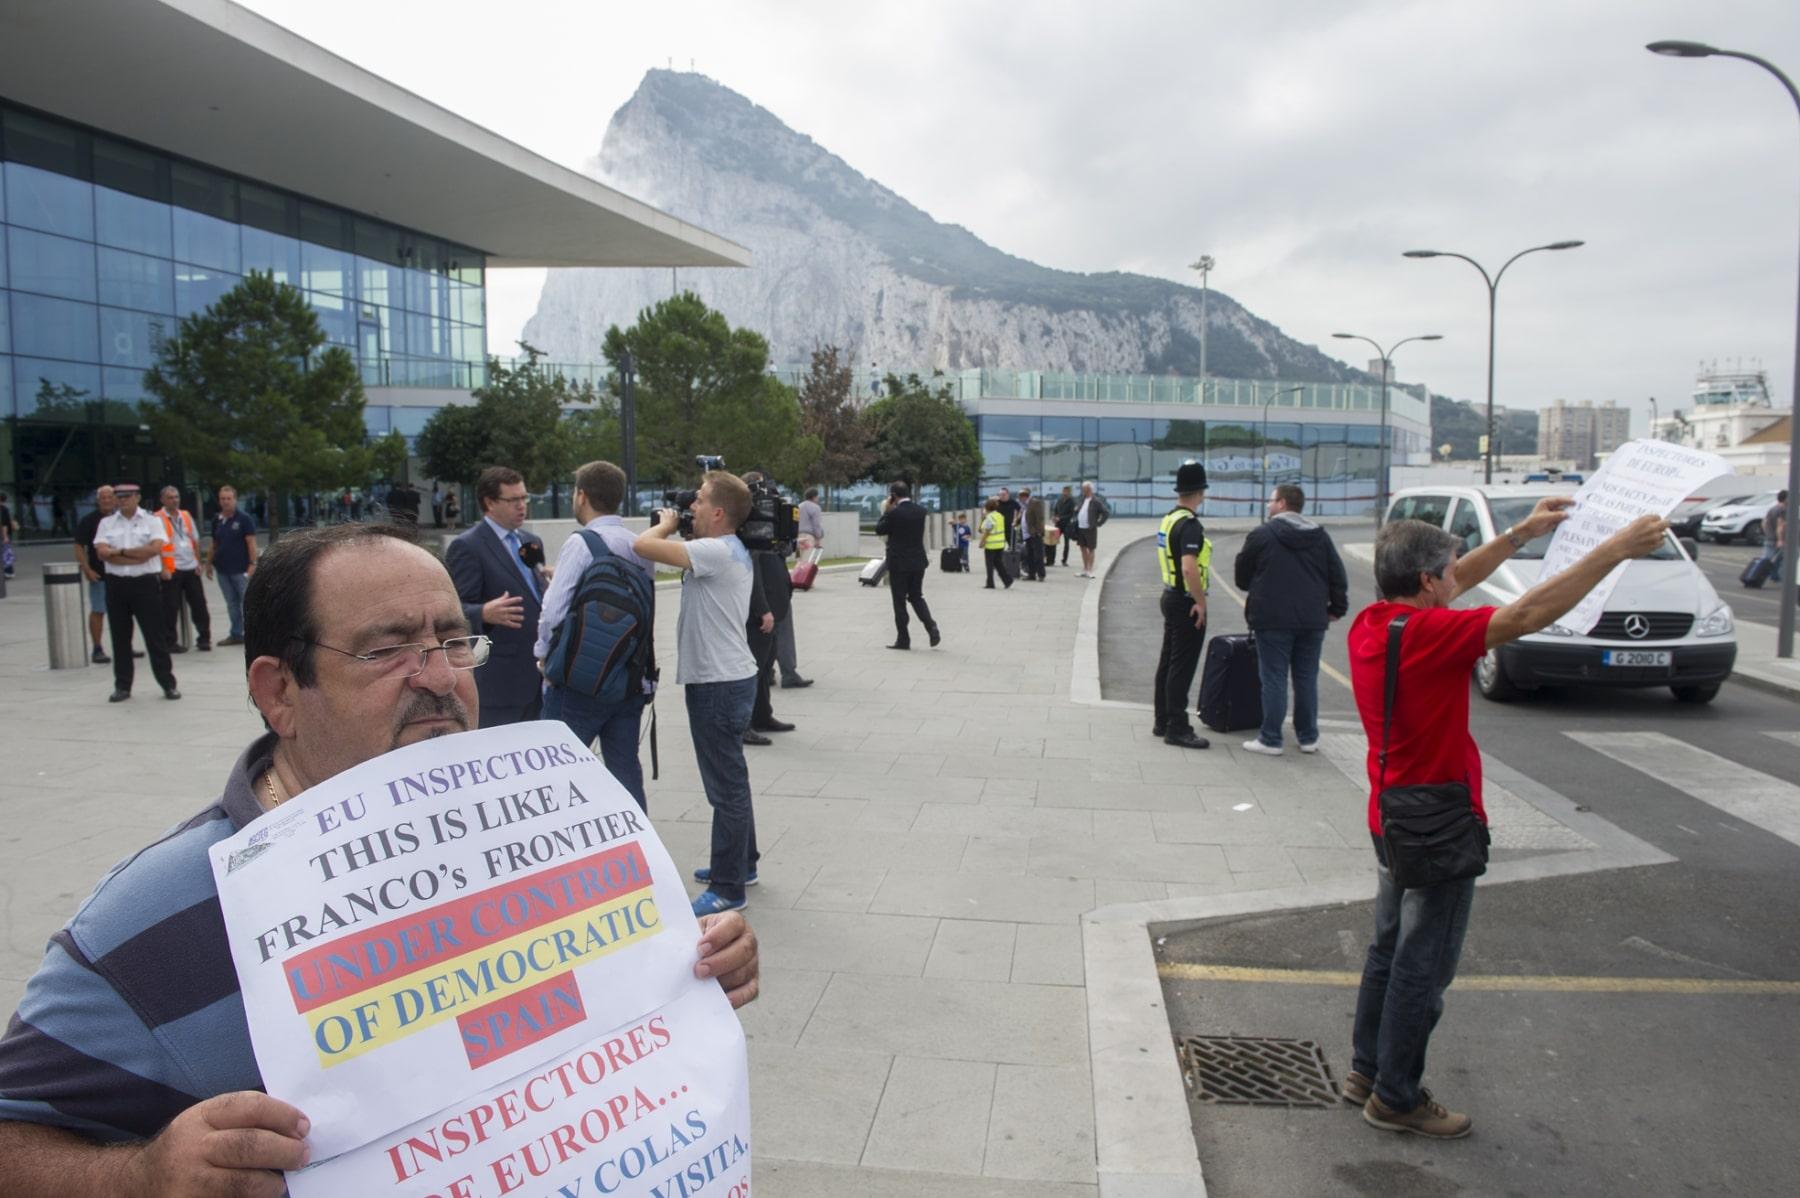 Gibraltar, 25 septiembre 2013. Miembros de la directiva de ASTEG (Asociación de trabajadores en Gibraltar) protestan con pancartas frente a los coches de la Comisión Europea. MARCOS MORENO